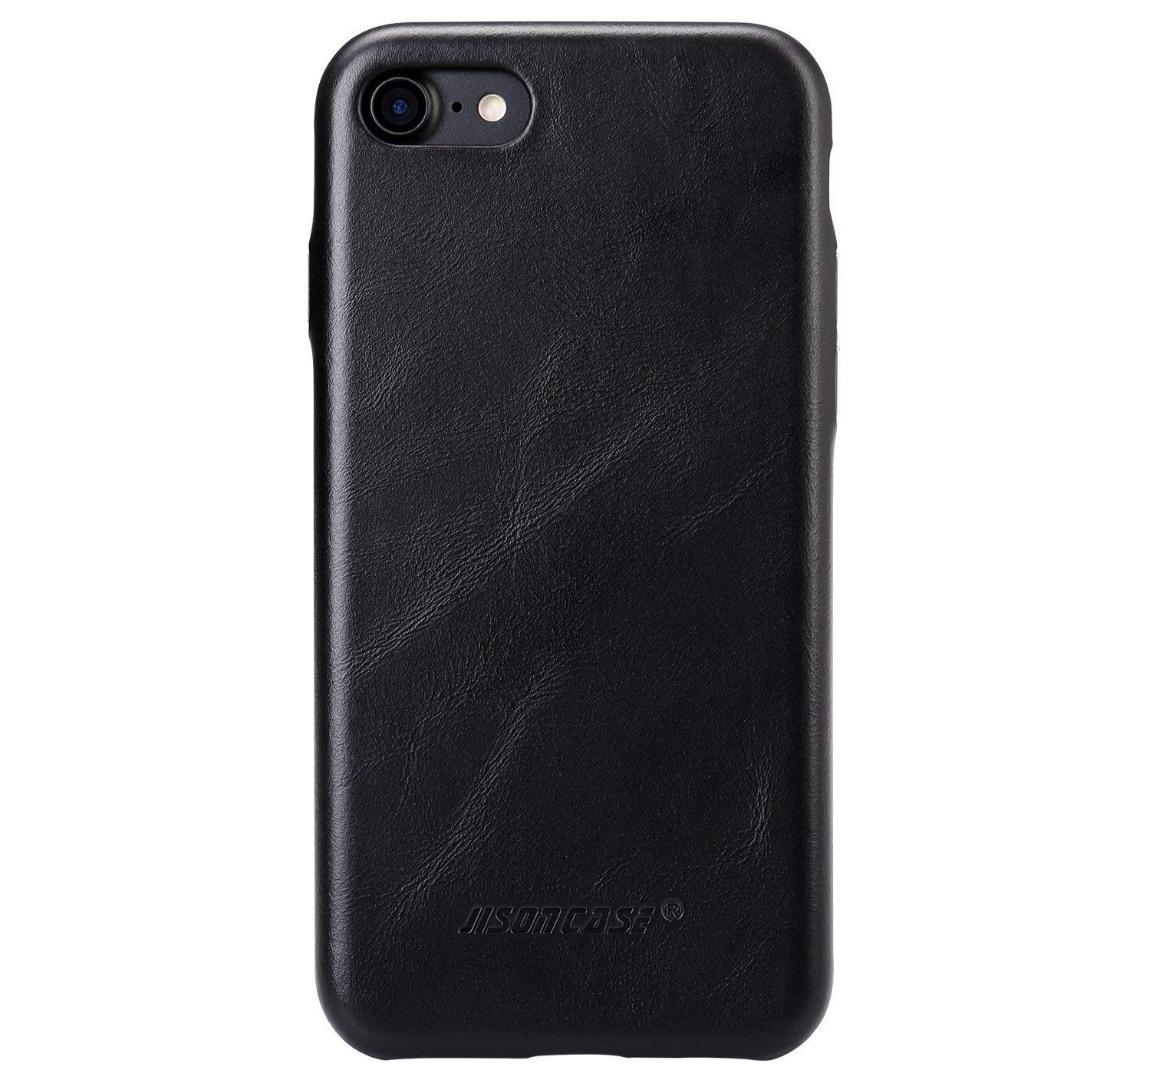 Husa slim din piele naturala, fara clapeta, iPhone 8 / iPhone 7 / iPhone 6 / 6s - Jison Case Classic, Negru